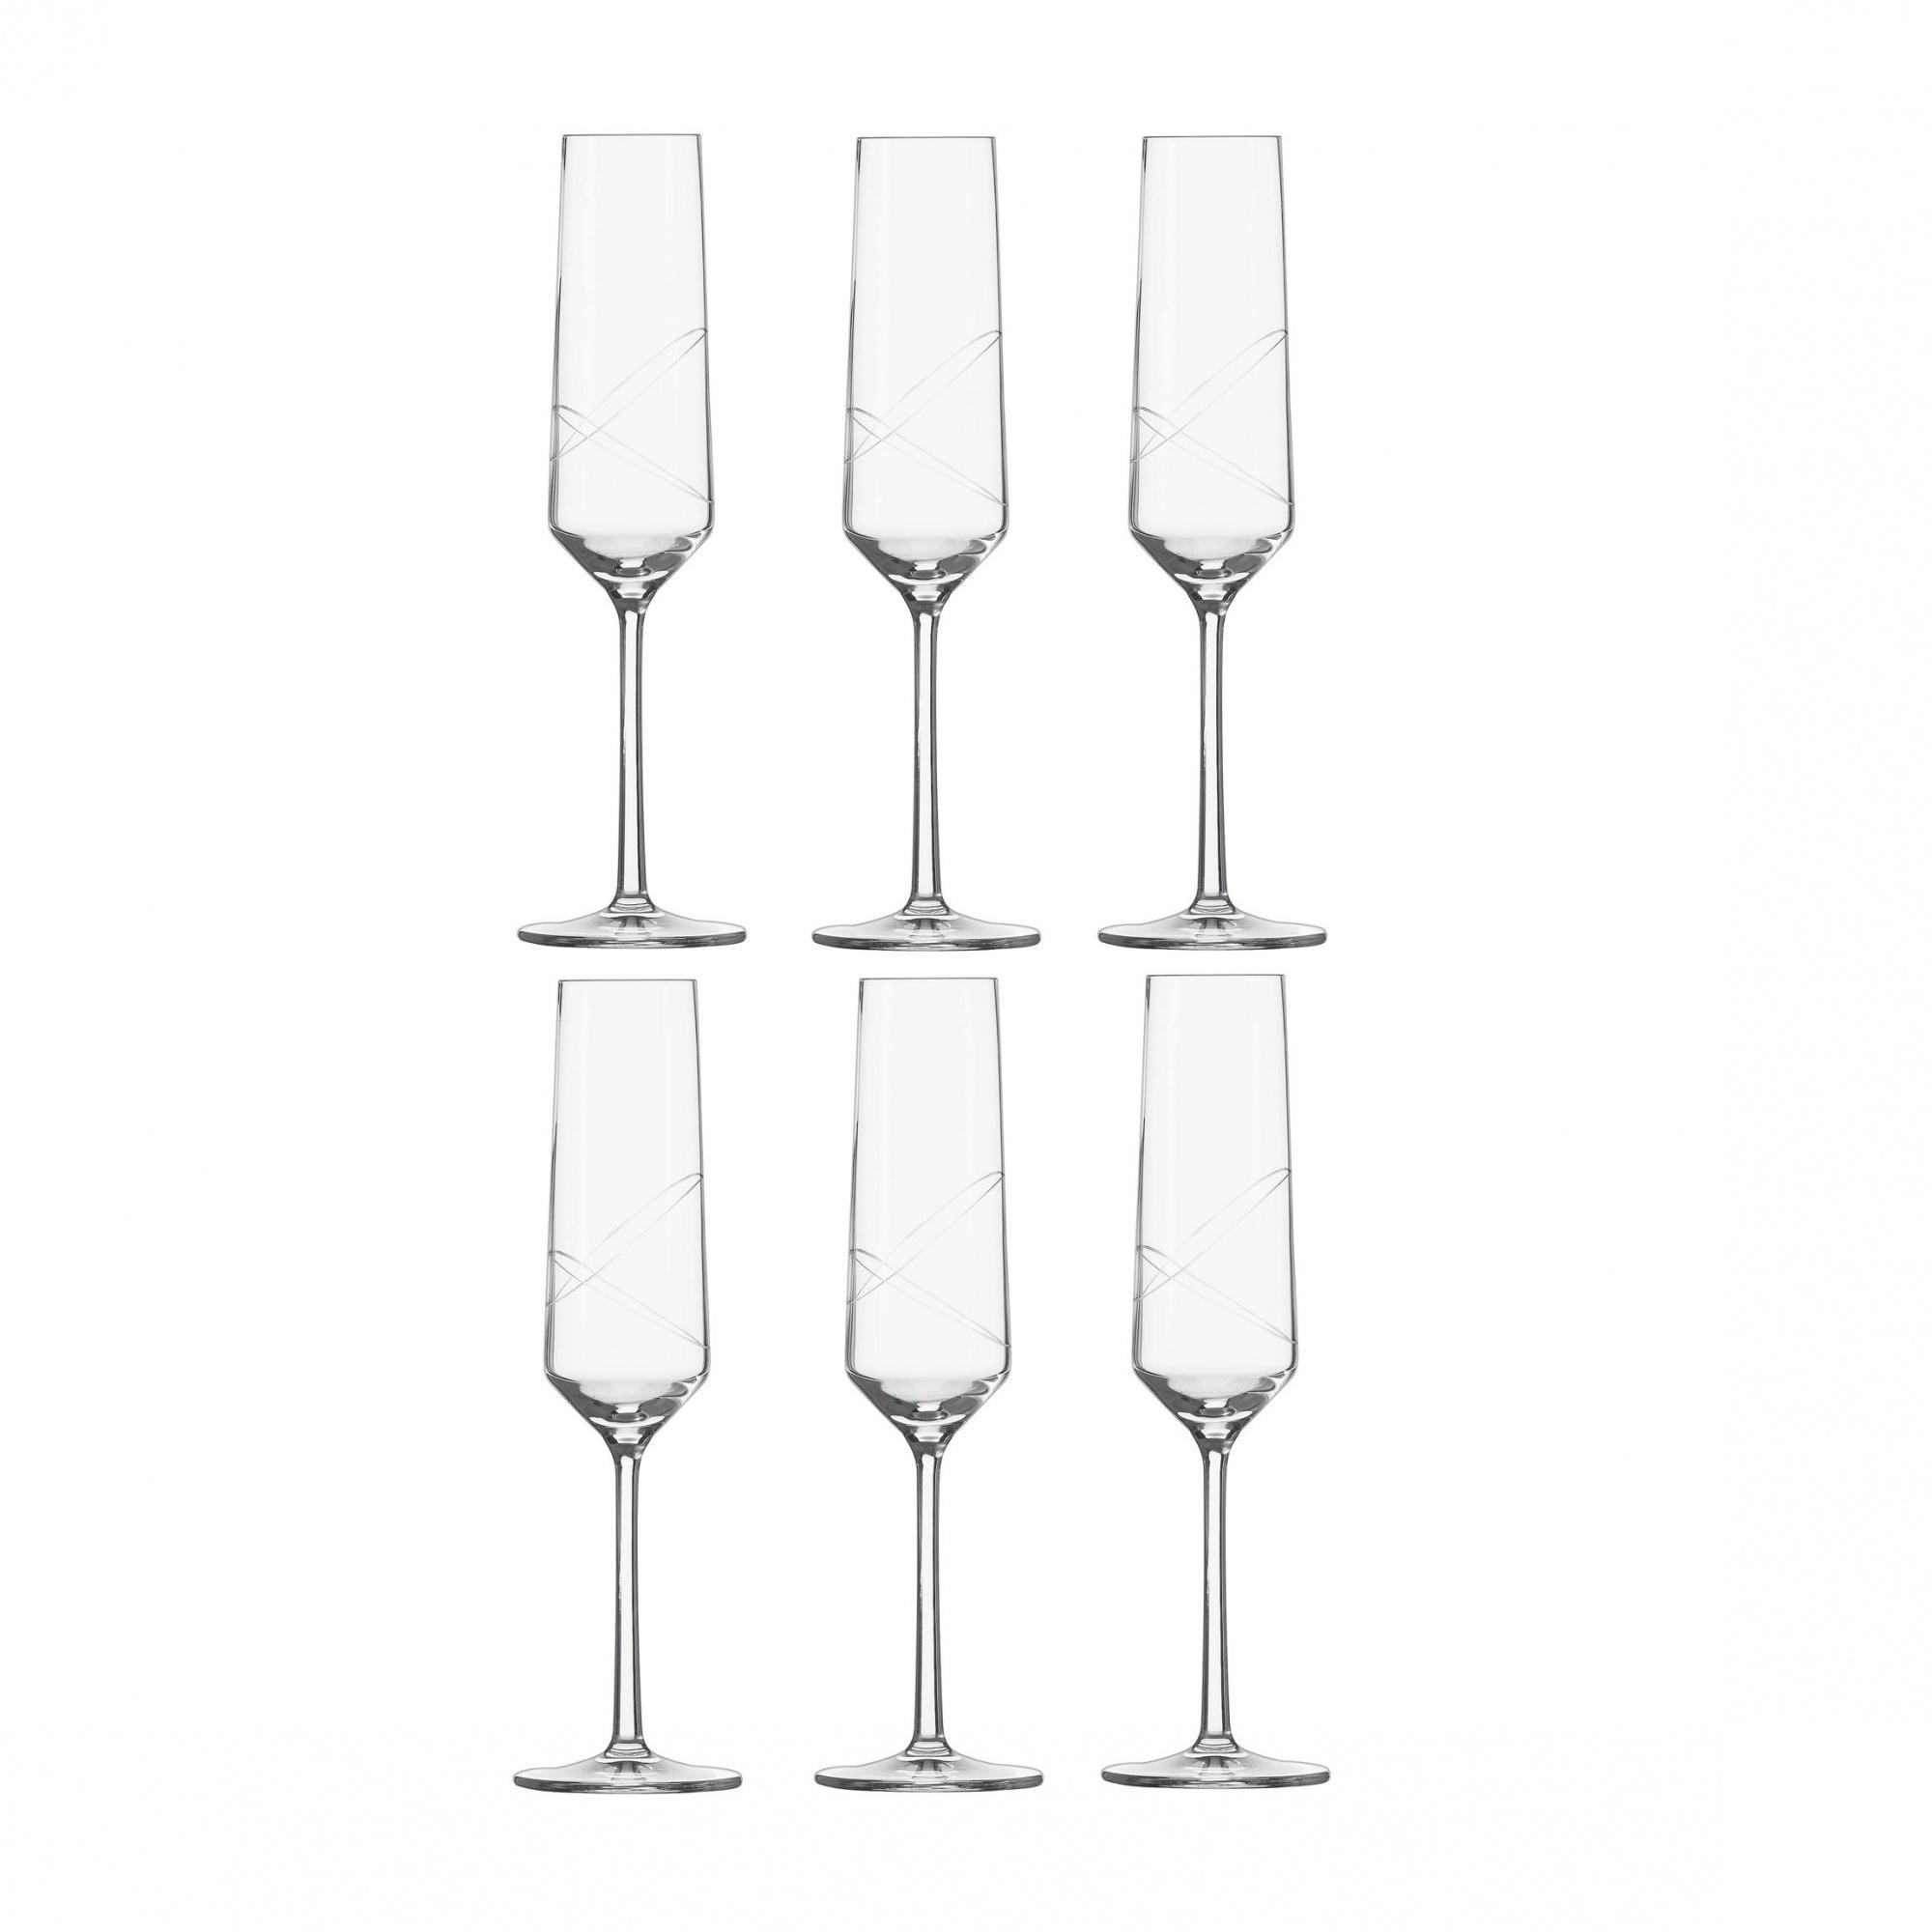 Schott Zwiesel - Pure Loop Sektglas 6er Set - transparent/Tritan® Kristallglas/215ml/H: 25.2cm/mit Moussierpunkt | Küche und Esszimmer > Besteck und Geschirr > Gläser | Schott Zwiesel